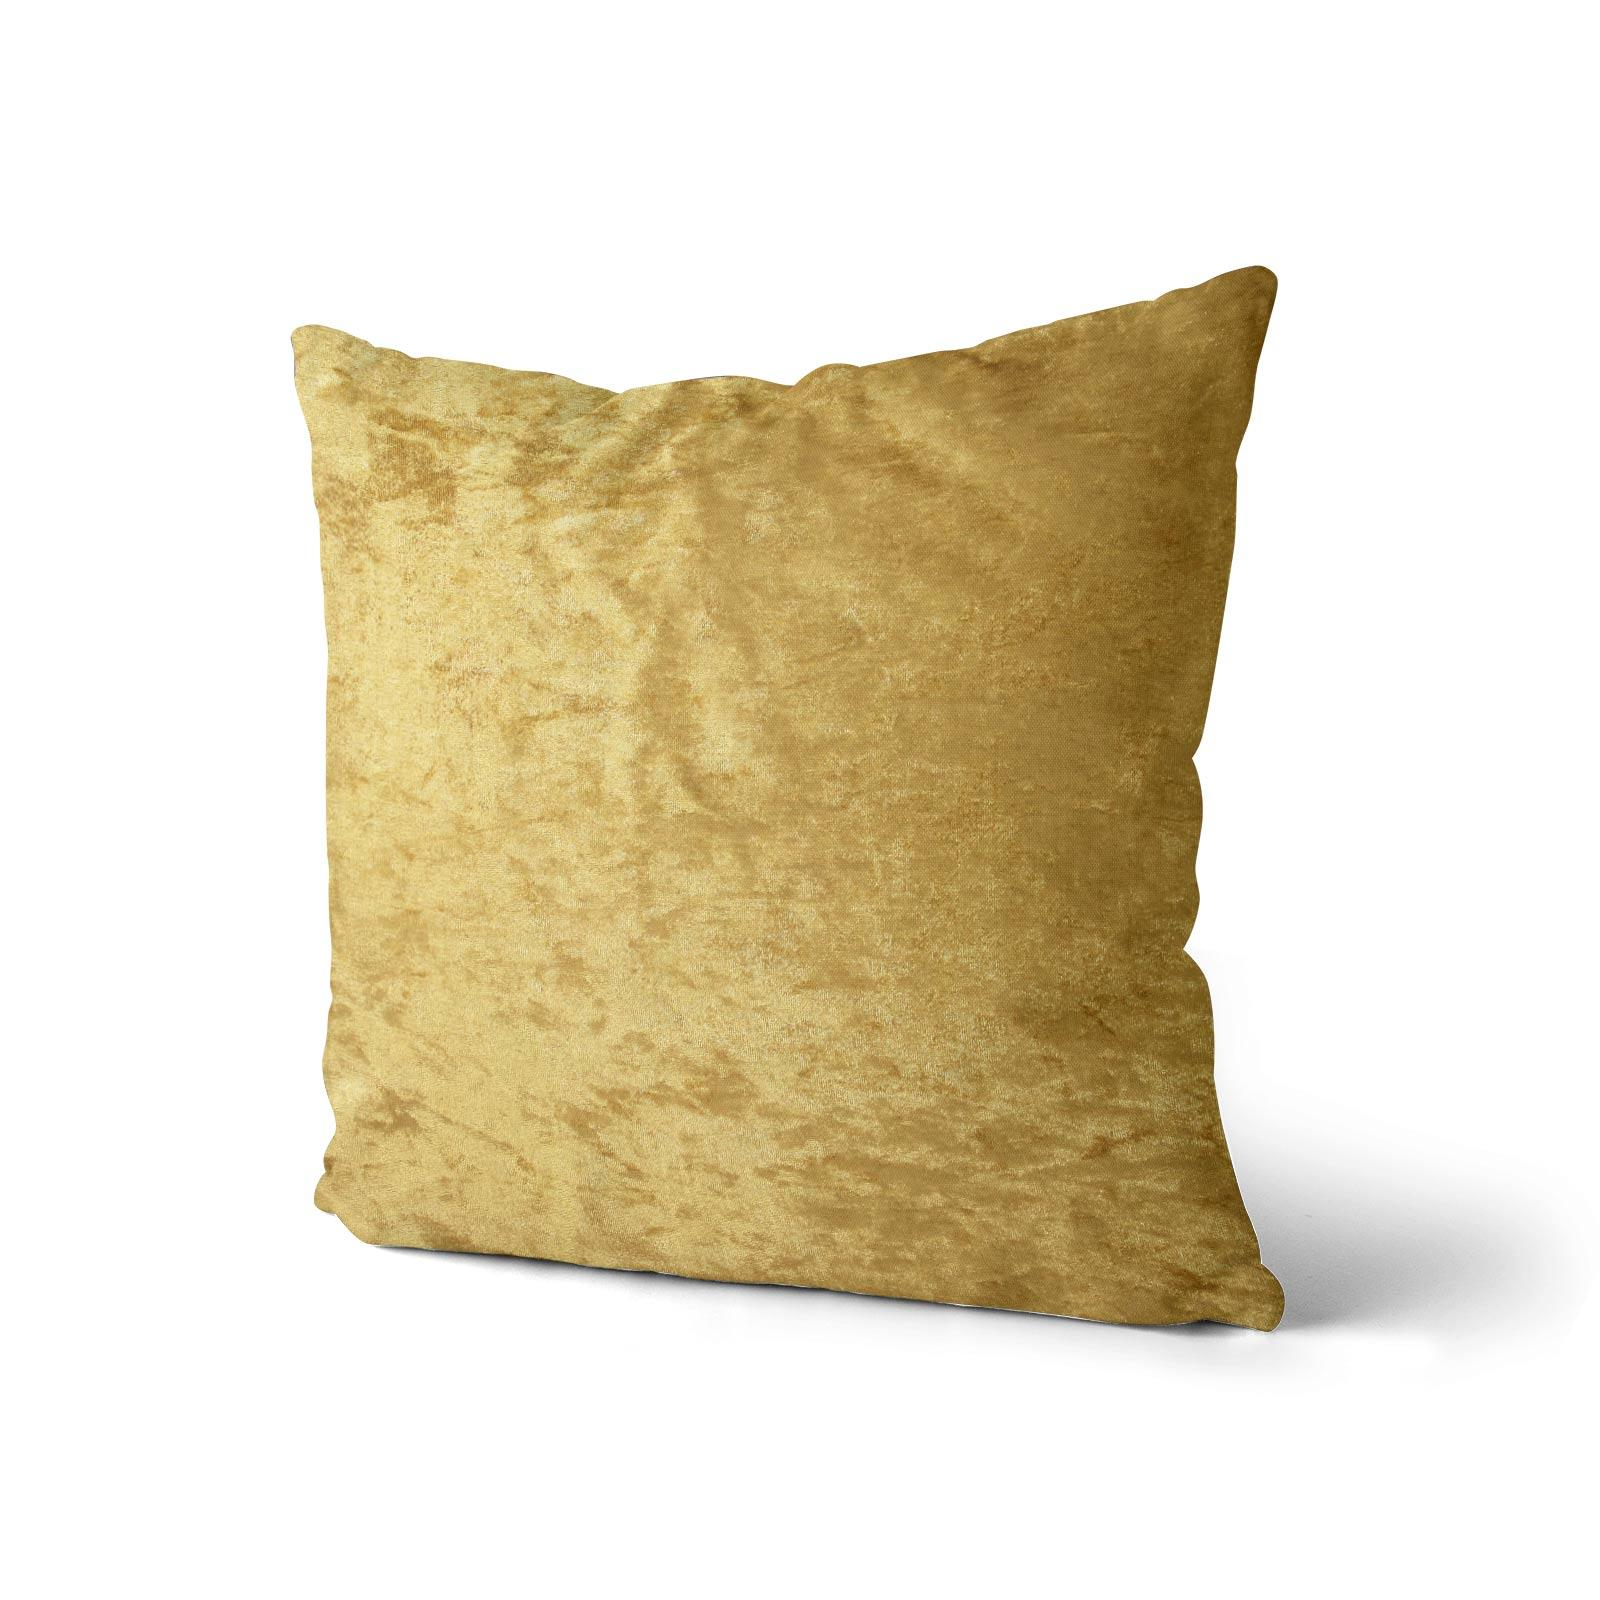 Cuscino-di-velluto-schiacciato-copre-GLAM-Tinta-Unita-Copricuscino-18-034-x-18-034-45cm-x-45cm miniatura 11